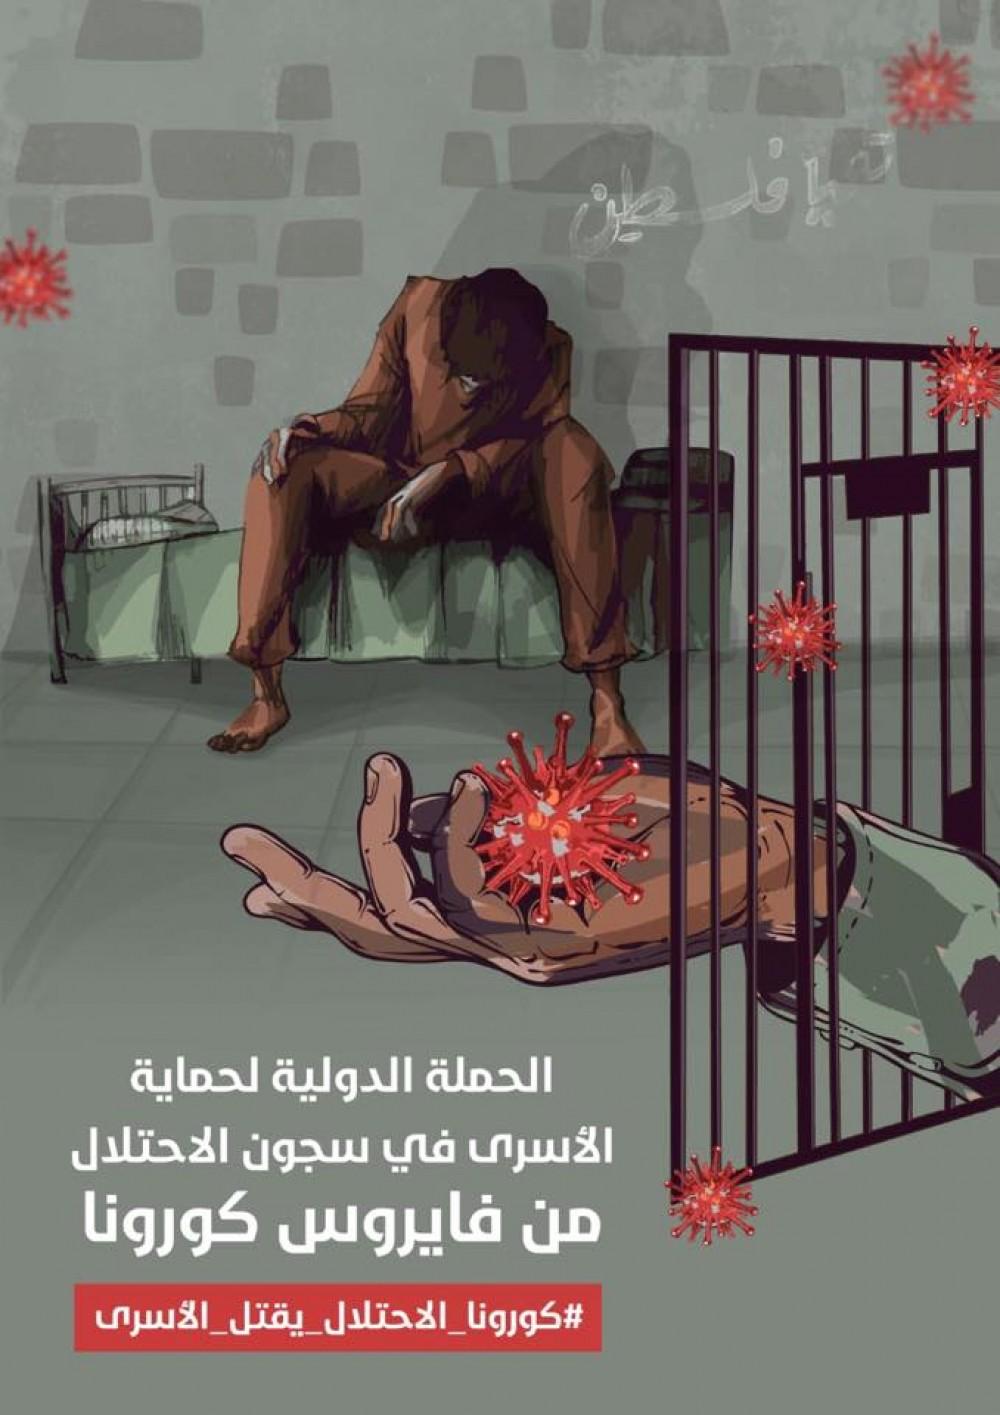 إطلاق حملة إنقاذ الأسرى في سجون الاحتلال من خطر كورونا